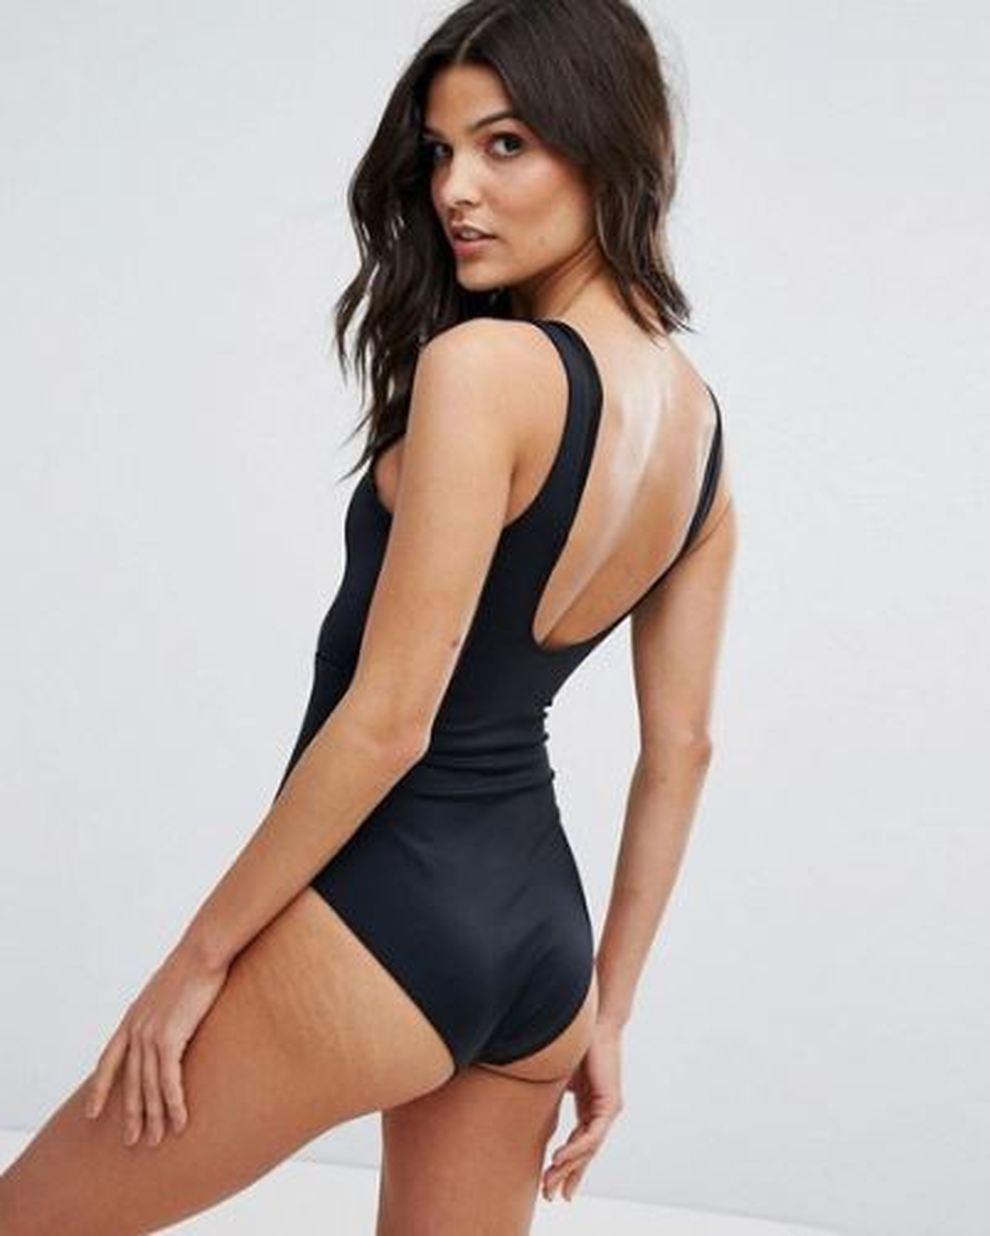 modelle in bikini con le smagliature asos non ritocca le